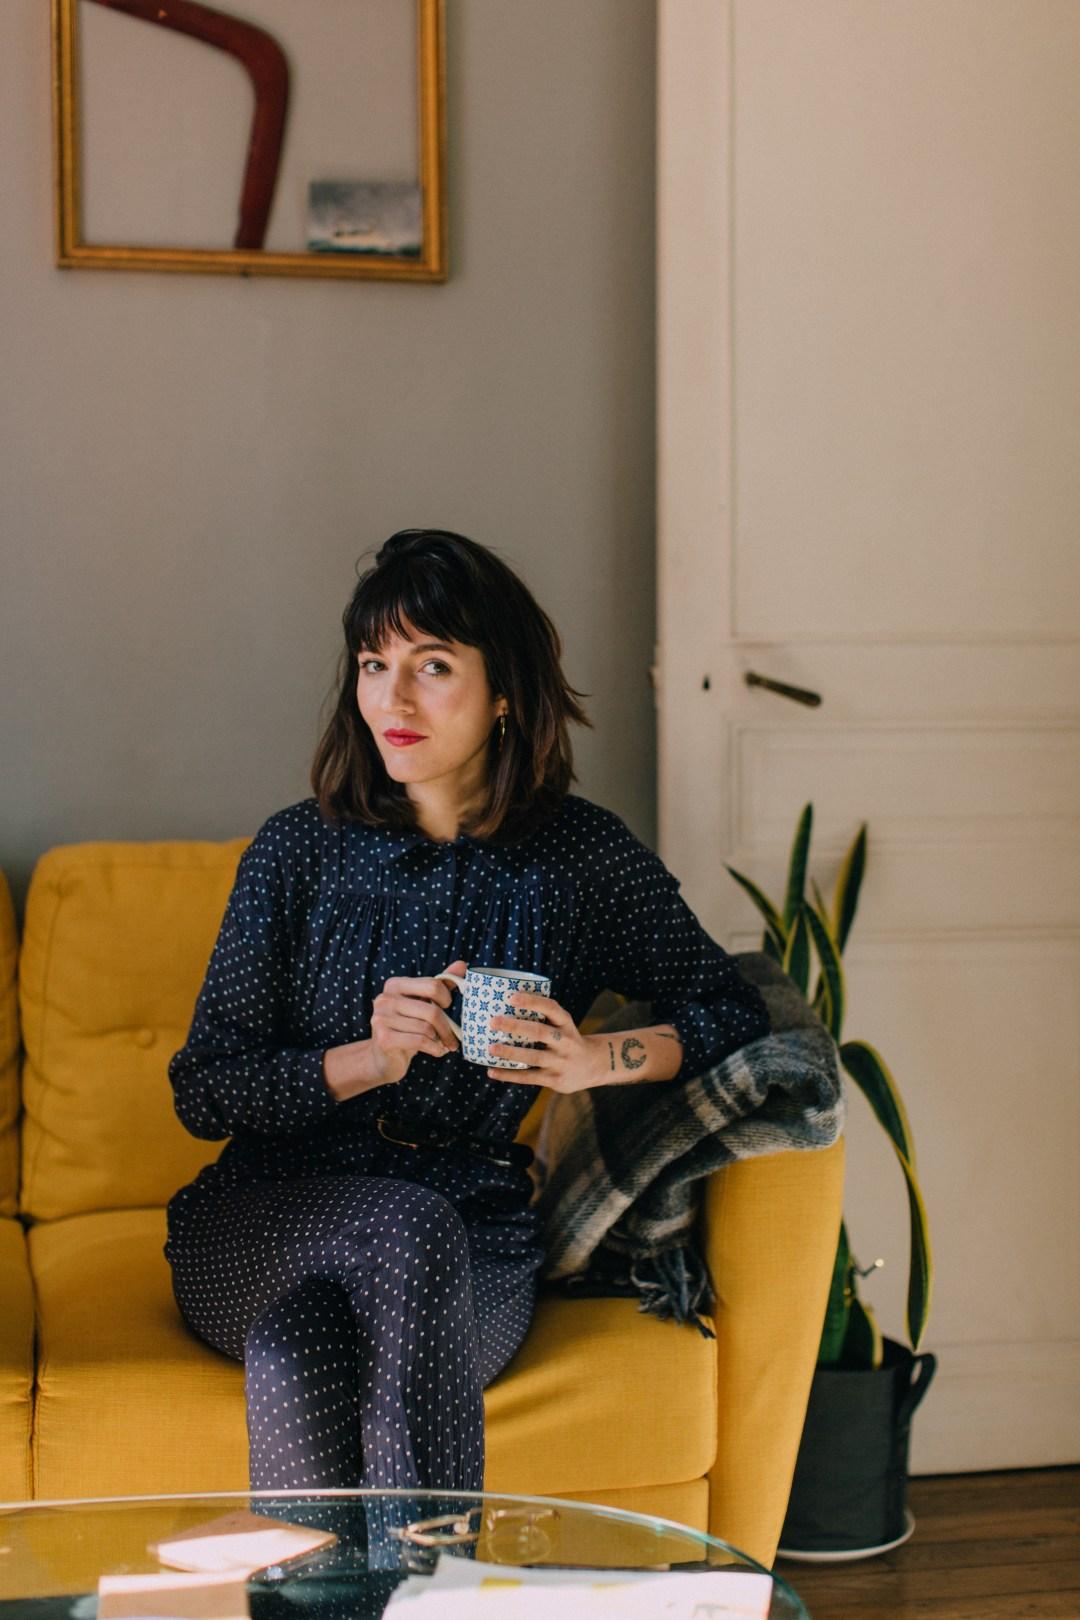 J'ai rencontré Anne-Charlotte, dit chachooum, fondatrice du podcast Nice To Hear You et du blog une Fille d'Erable